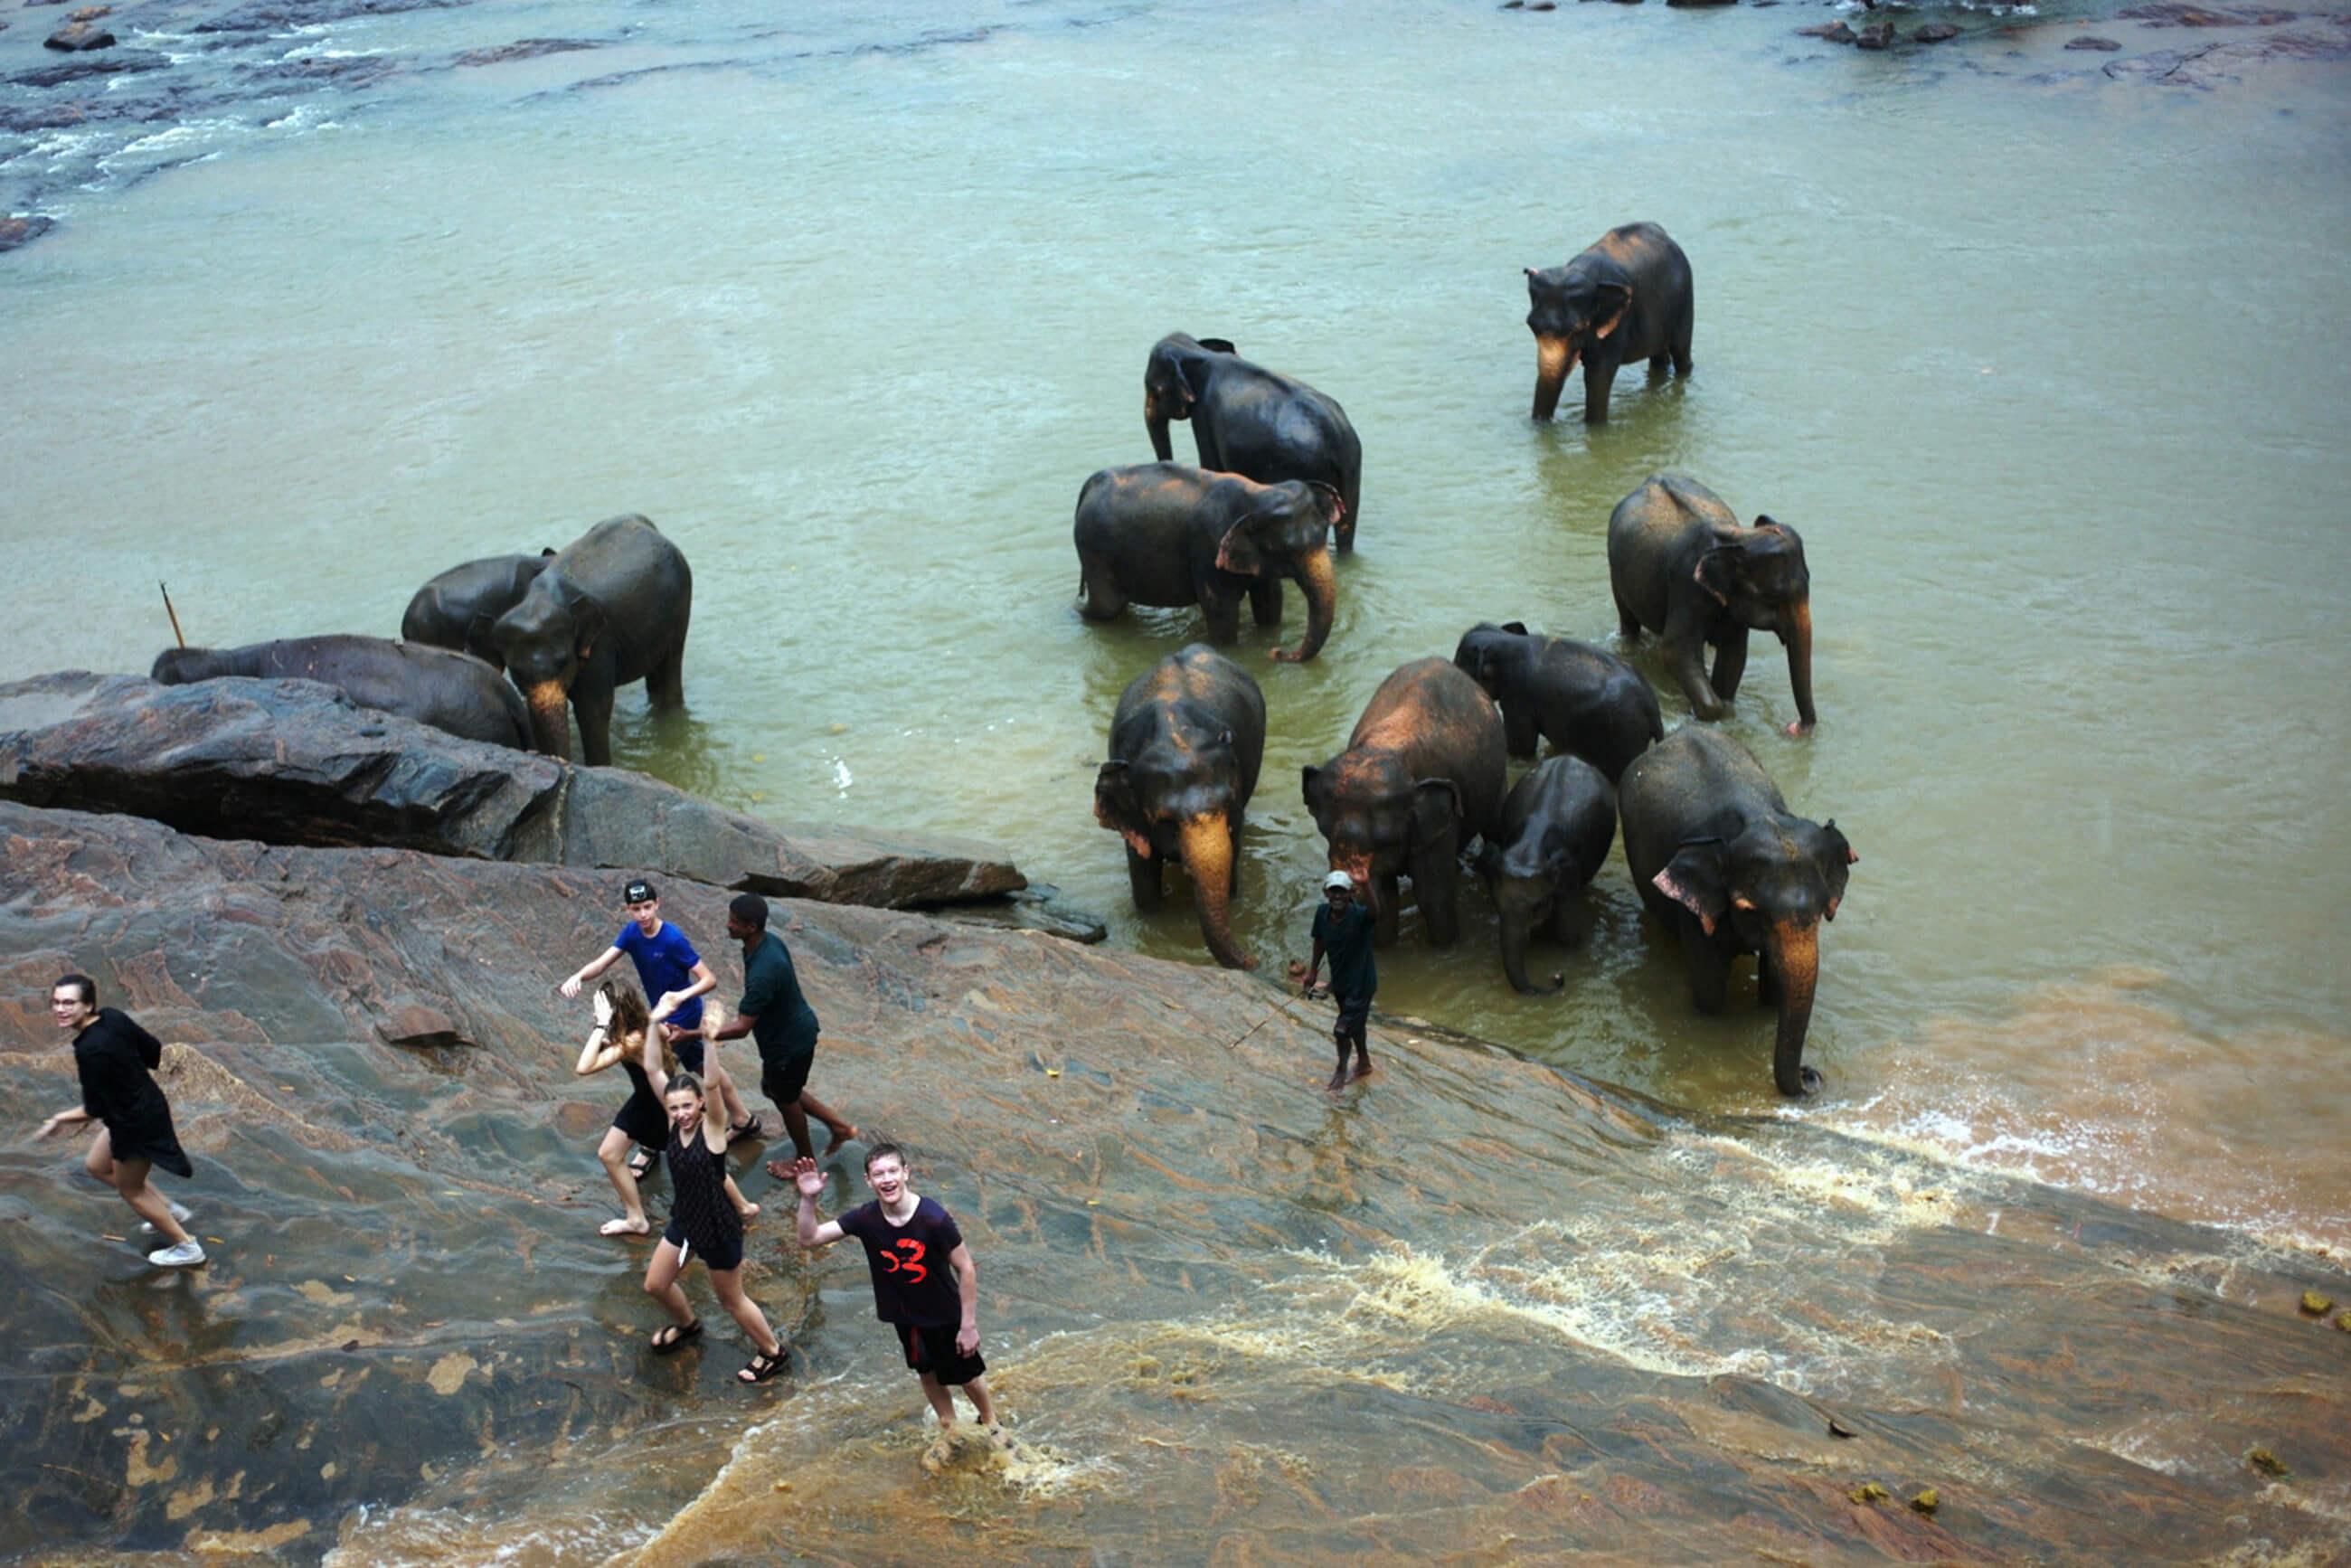 https://bubo.sk/uploads/galleries/7521/srilanka_family_bubaci-nadseni-z-kupania-sa-so-slonami.-nevadi-ze-prave-prsi_nove.jpg